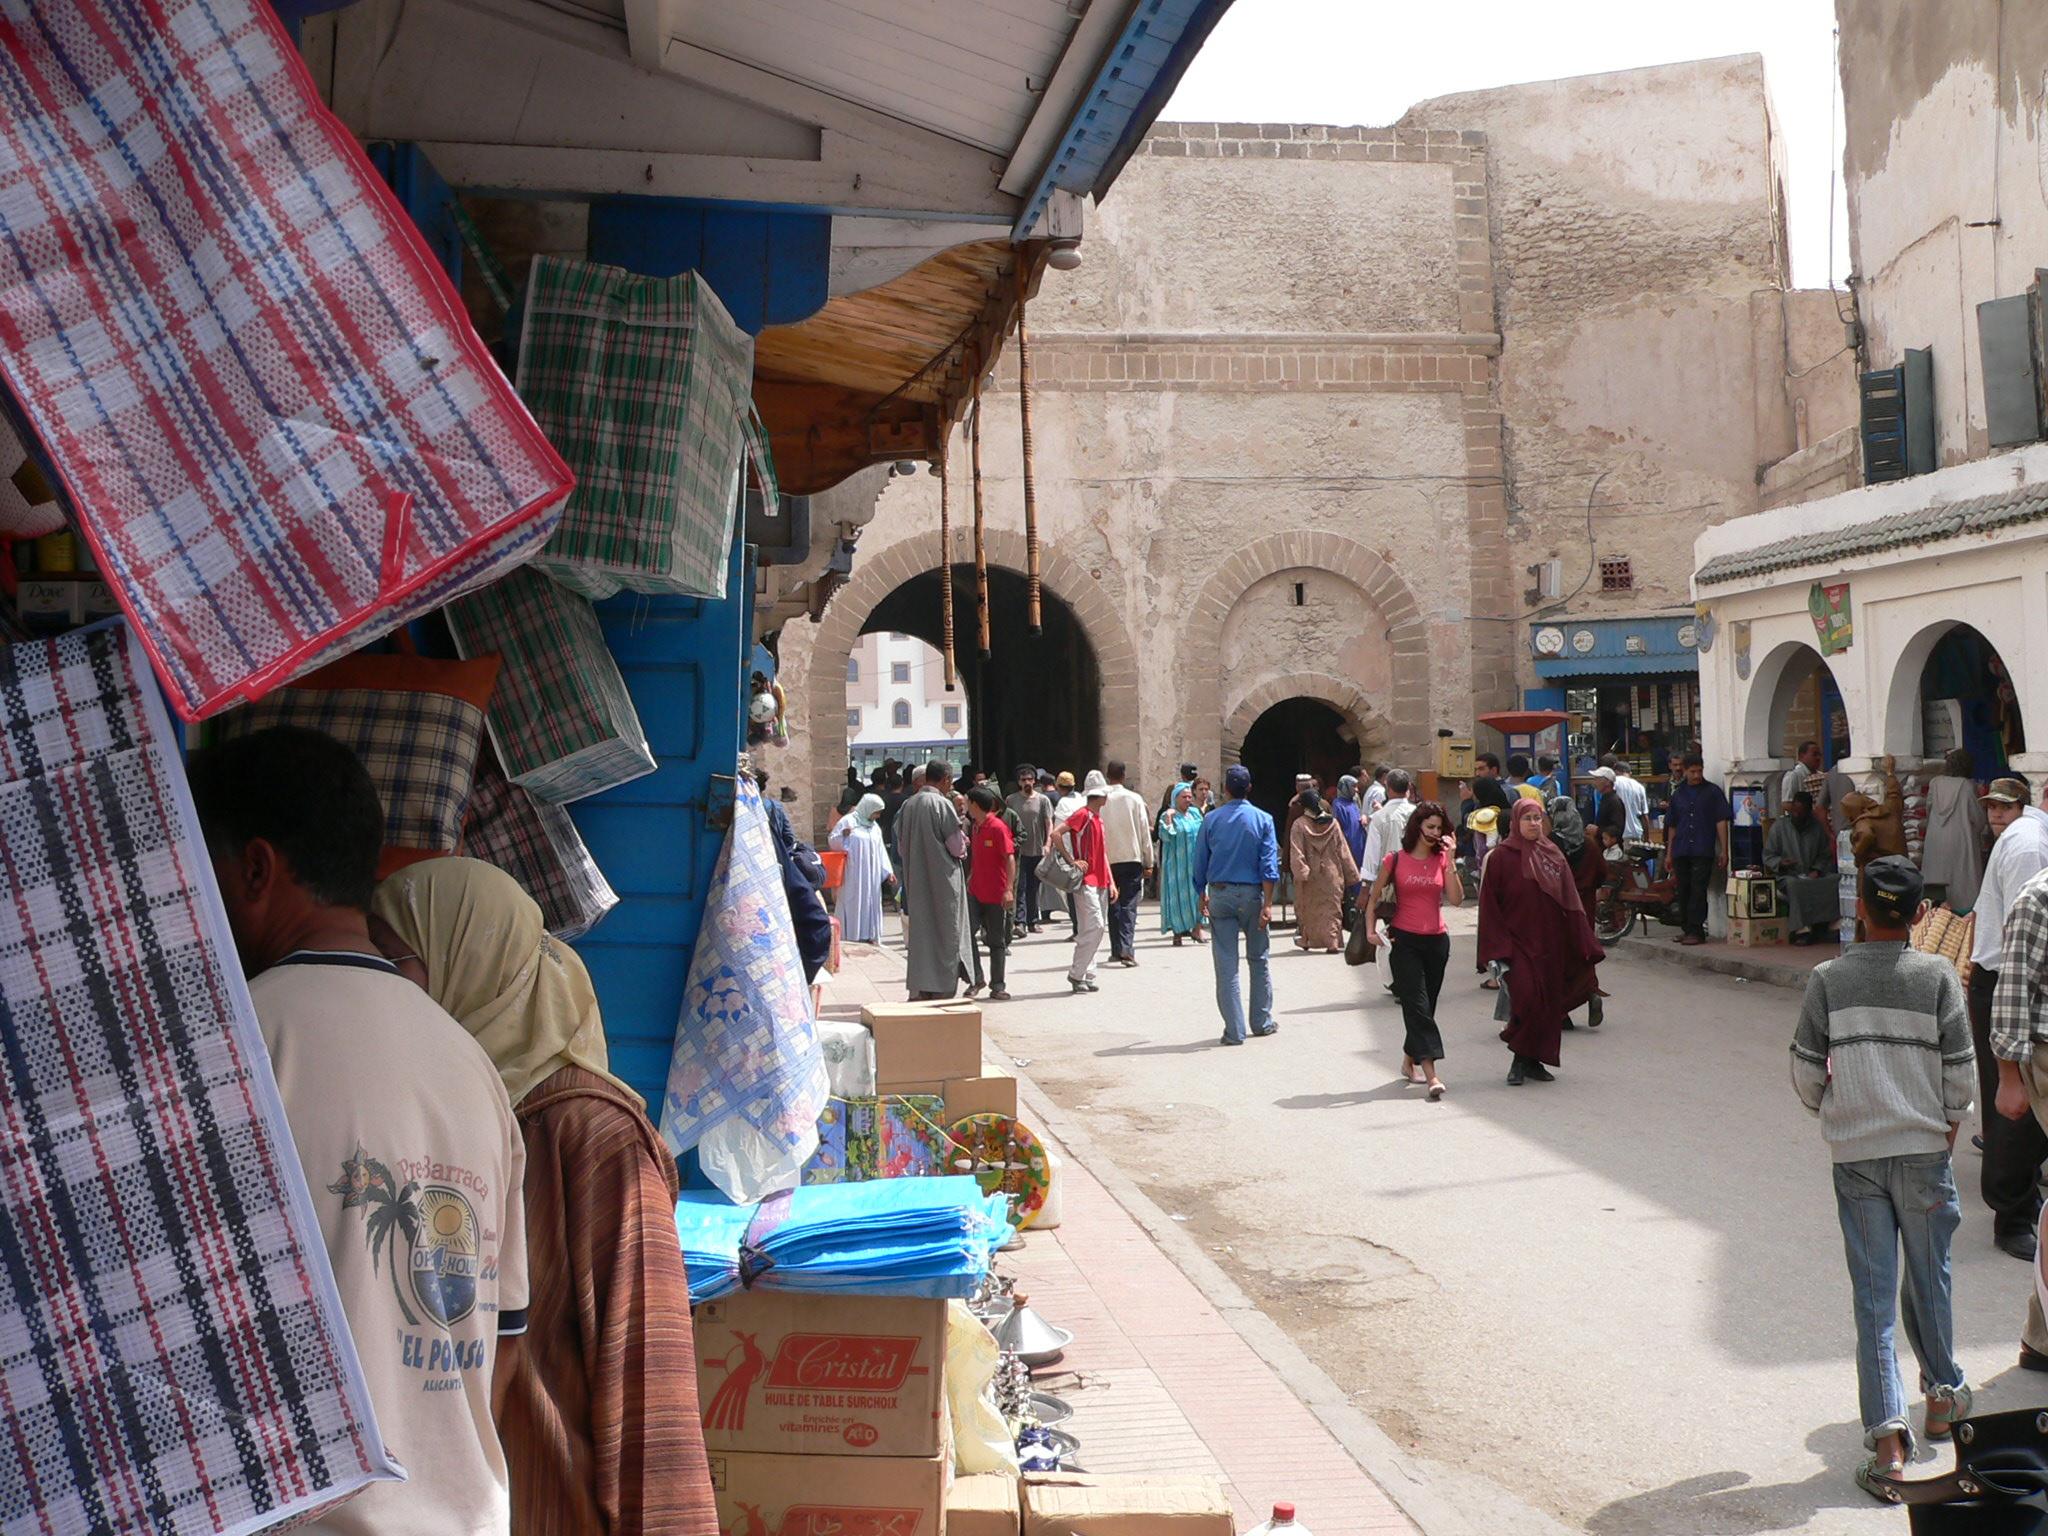 دراسة: الوجهة السياحية الأقل تكلفة للمغاربة هي الصويرة والوليدية الأغلى